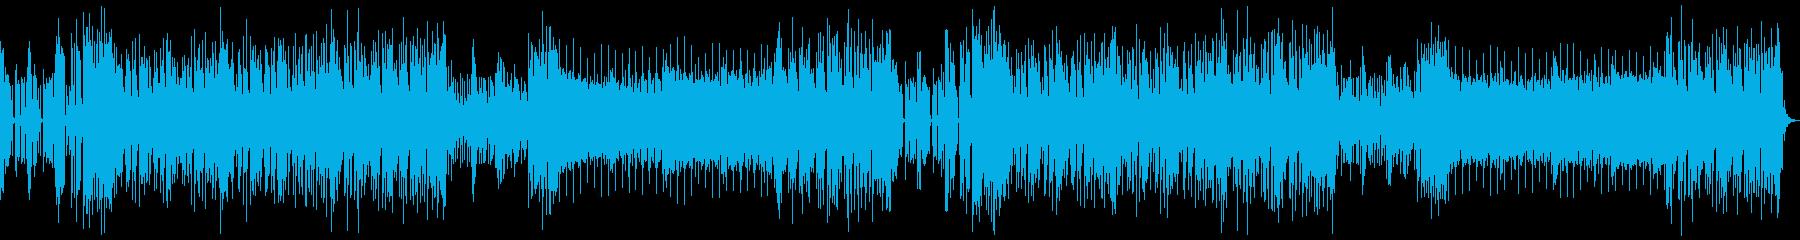 クールでスムーズなニュース風BGMの再生済みの波形